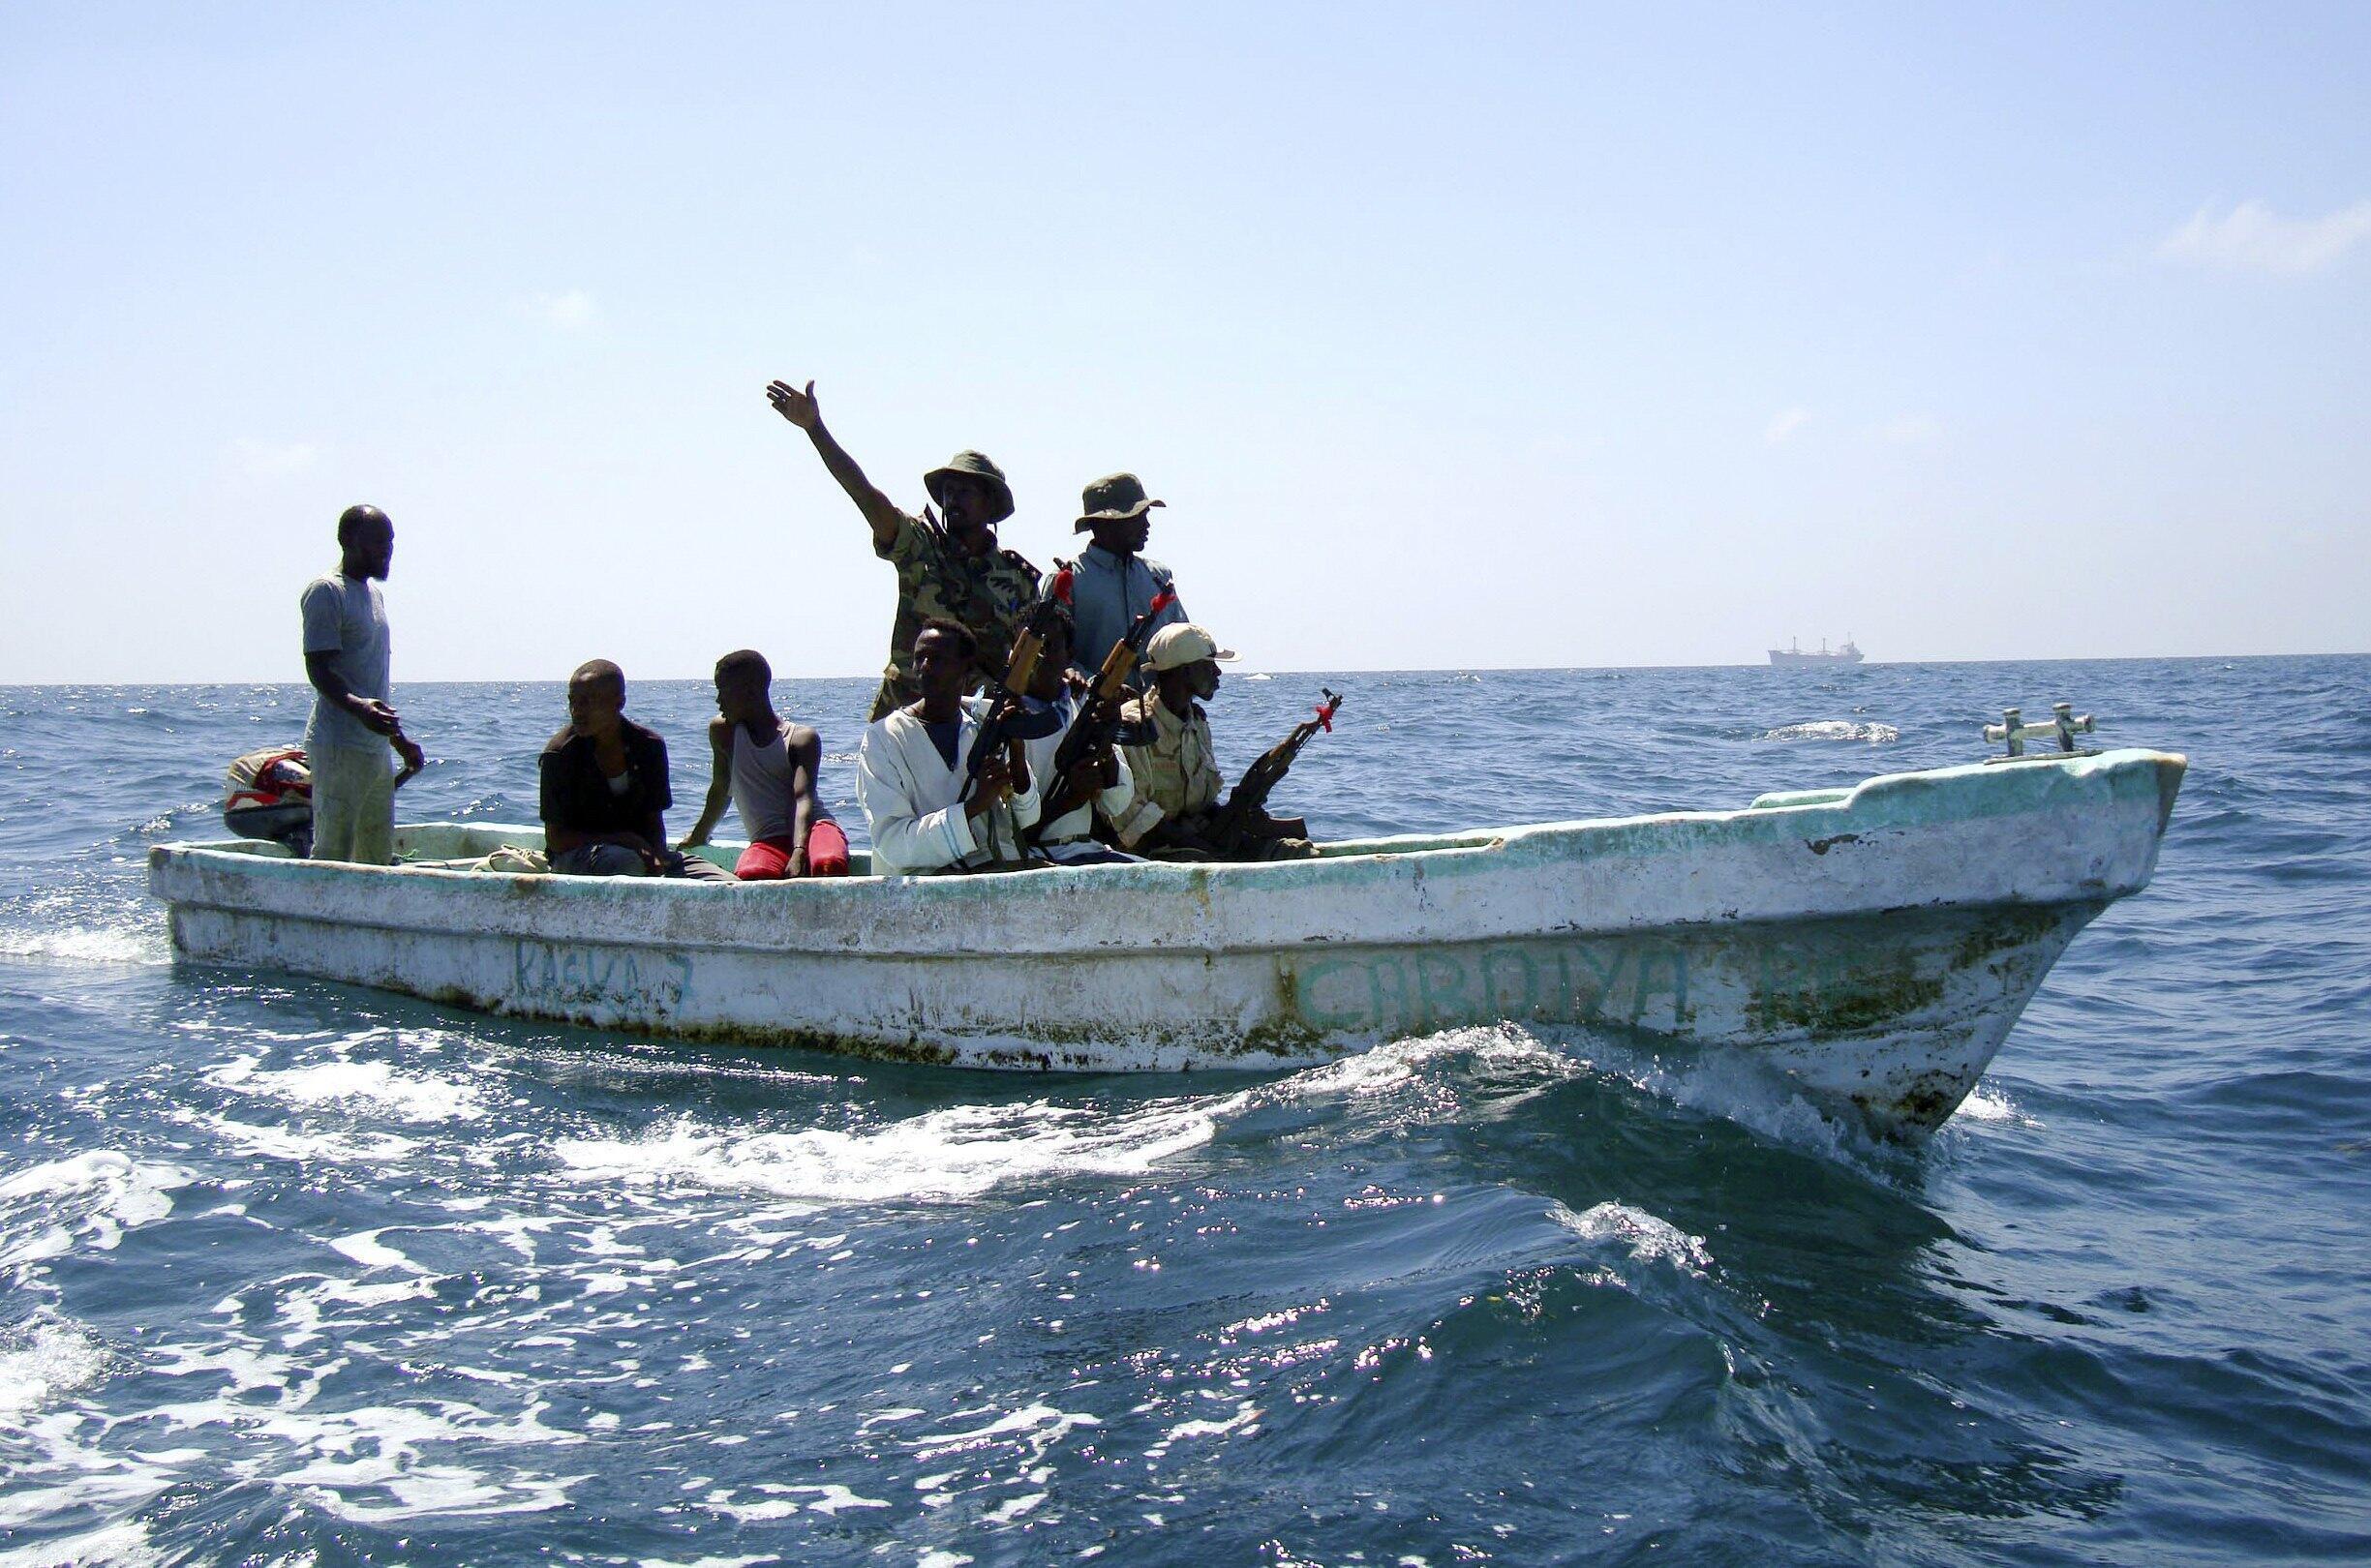 Des pirates somaliens dans le golf d'Aden.